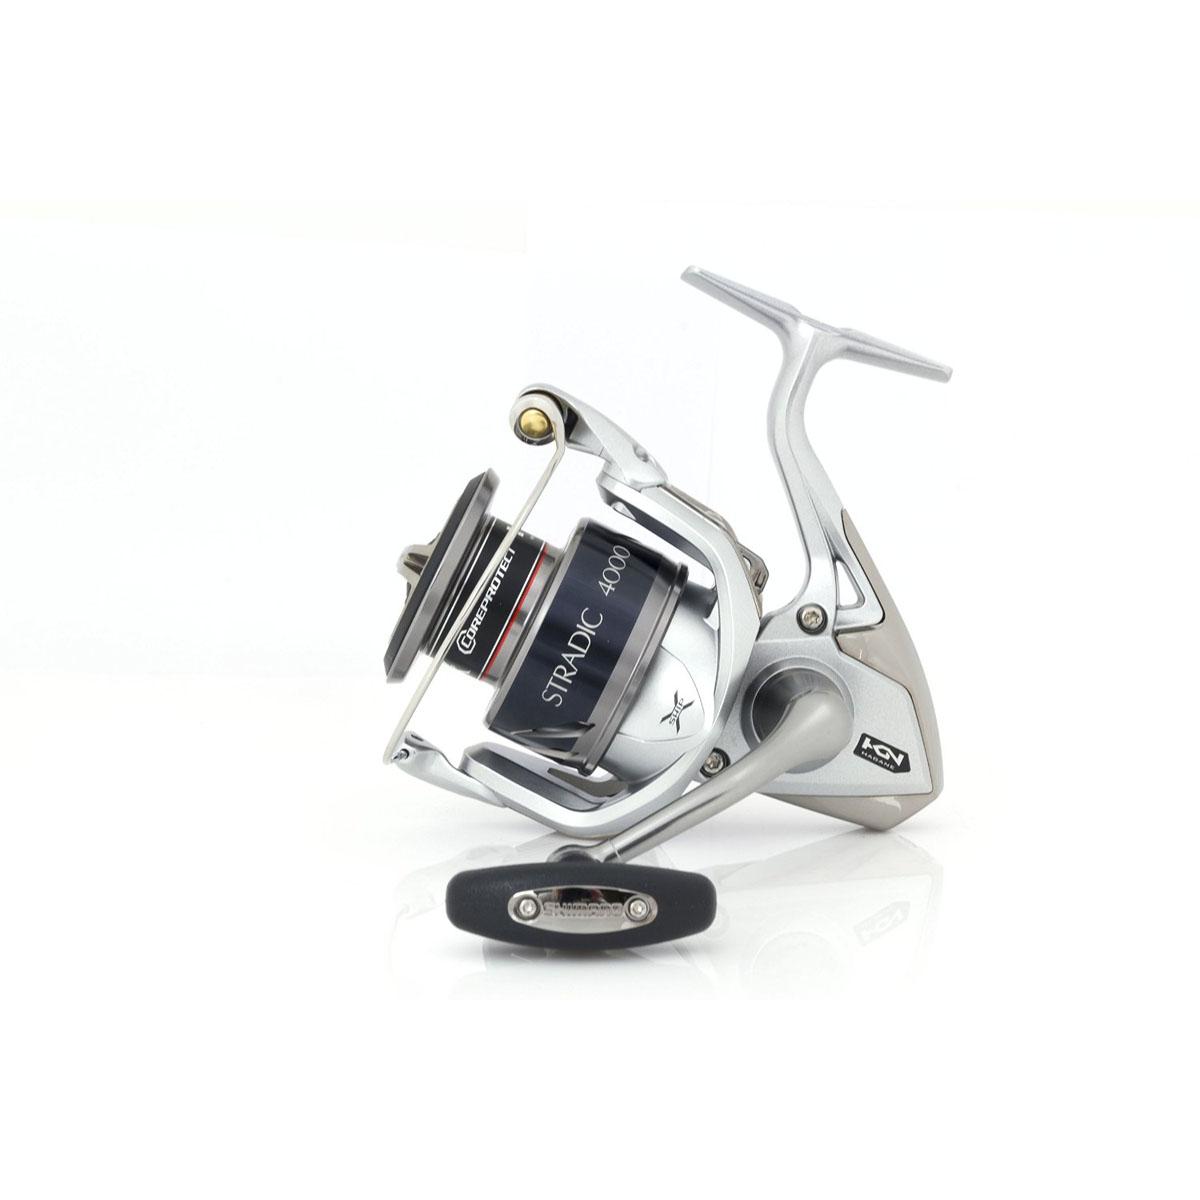 Shimano Stradic ST2500HGFK Spinning Fishing Reel